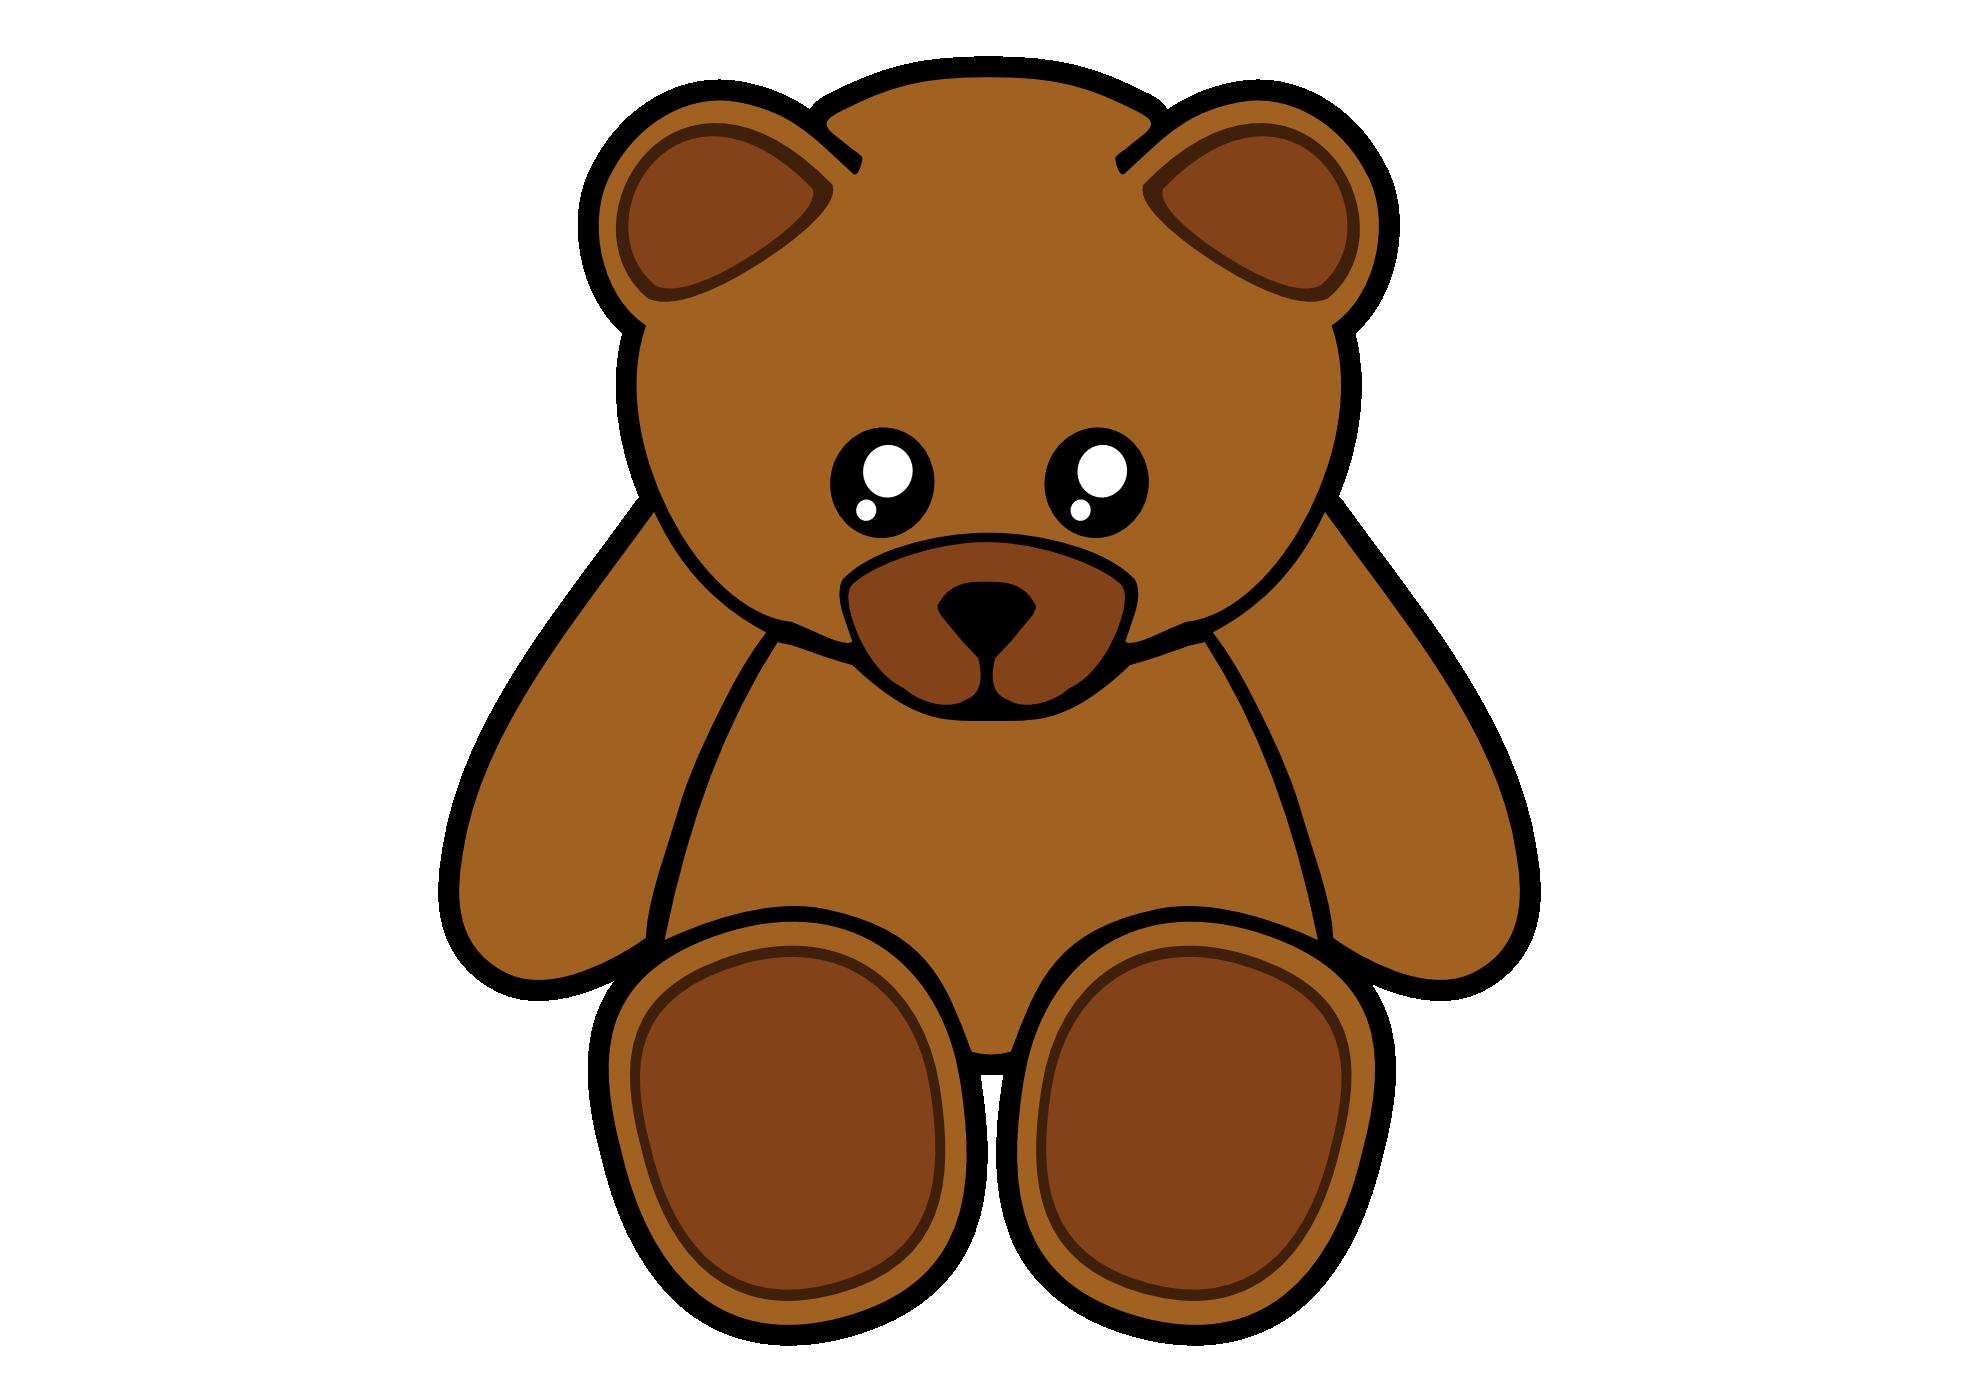 Teddy bear clipart 2